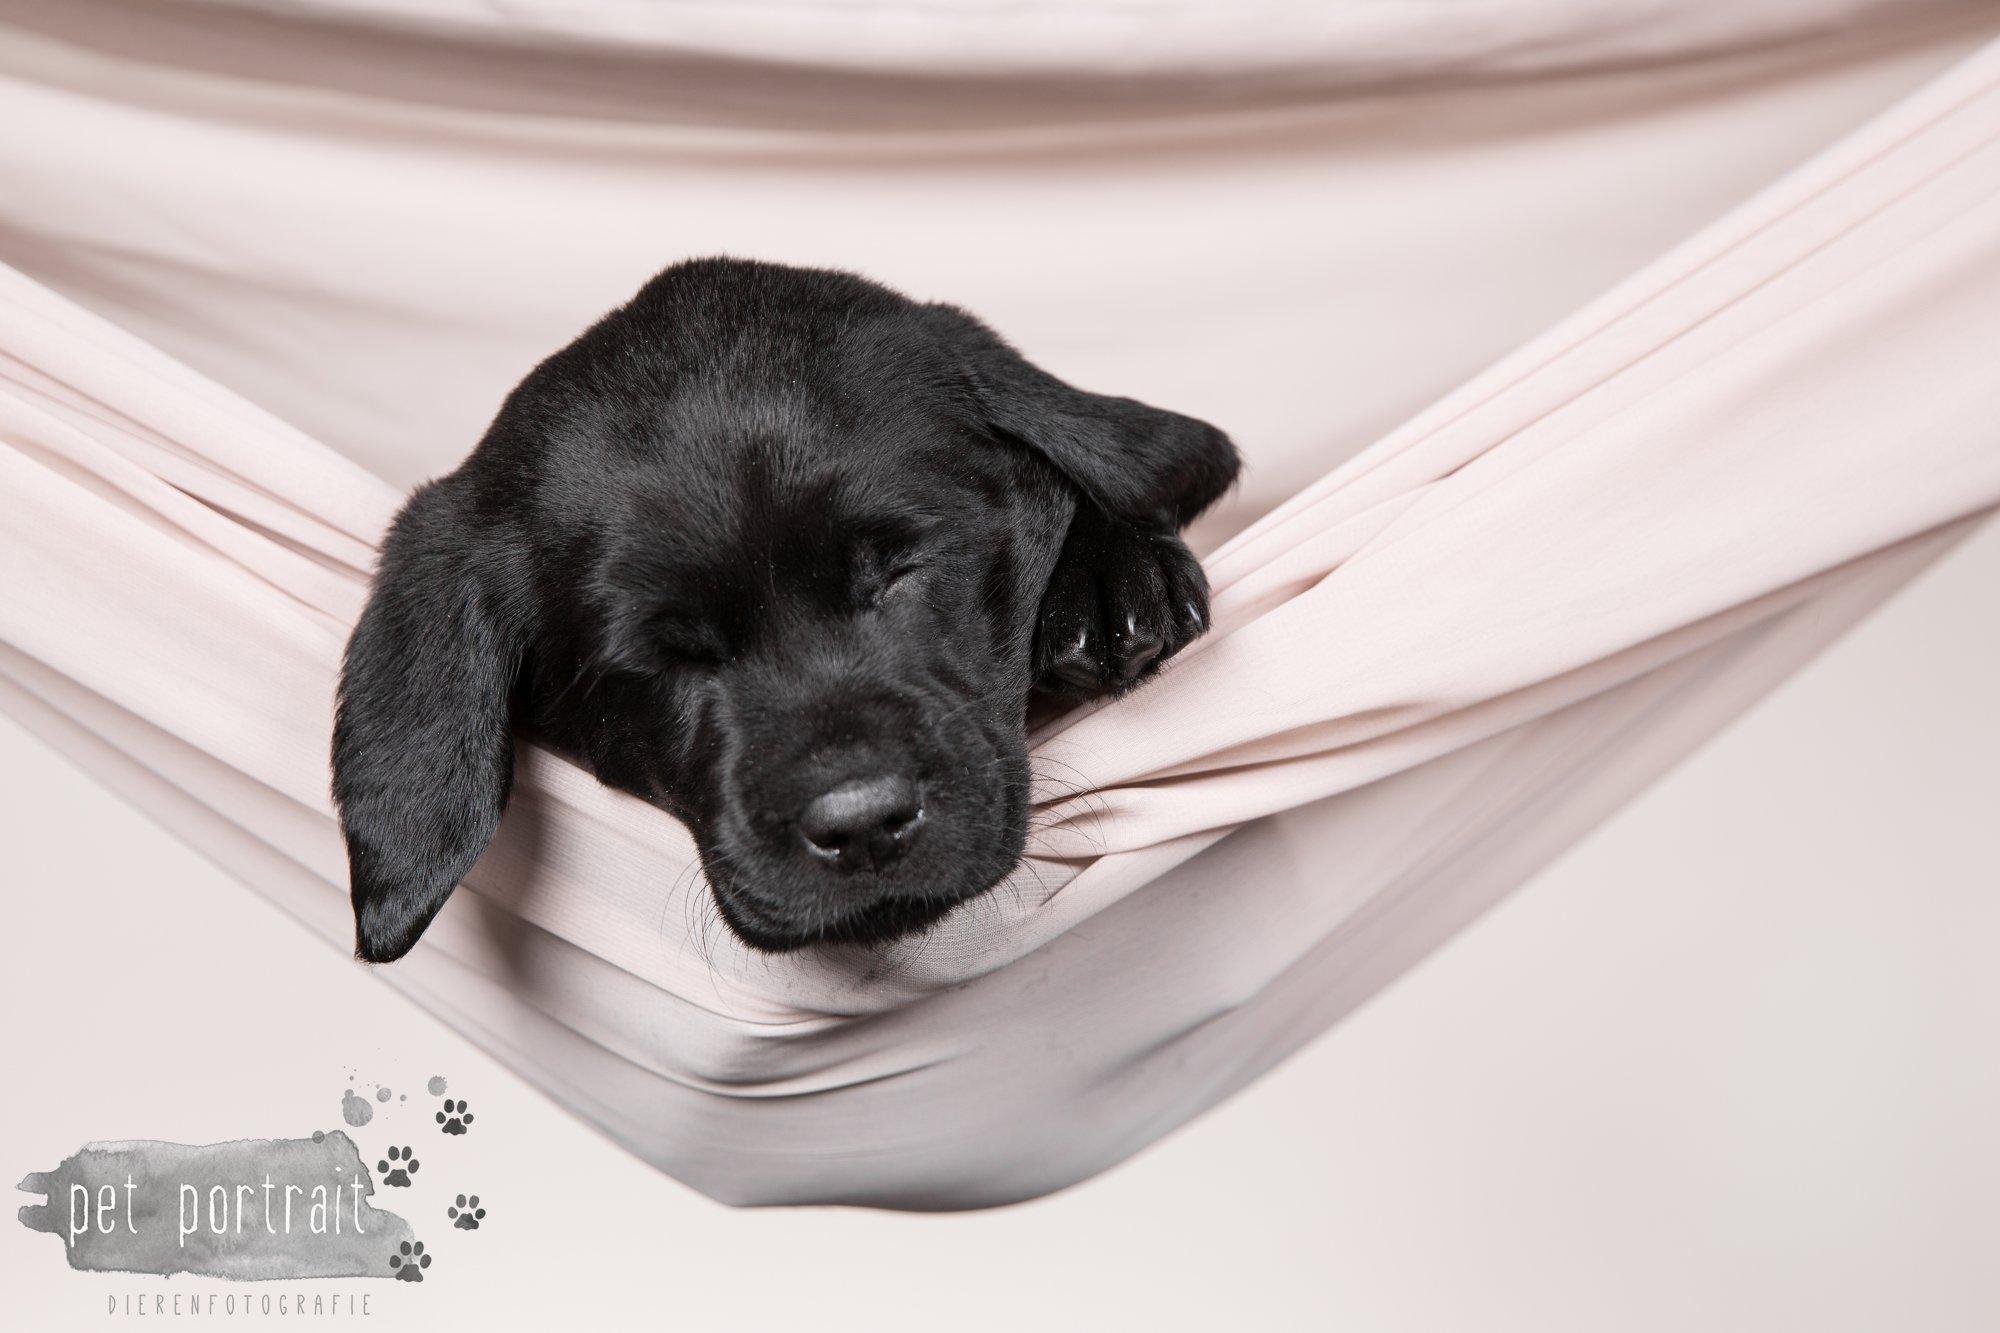 Hondenfotograaf Hillegom - Nestfotoshoot Labrador pups-20